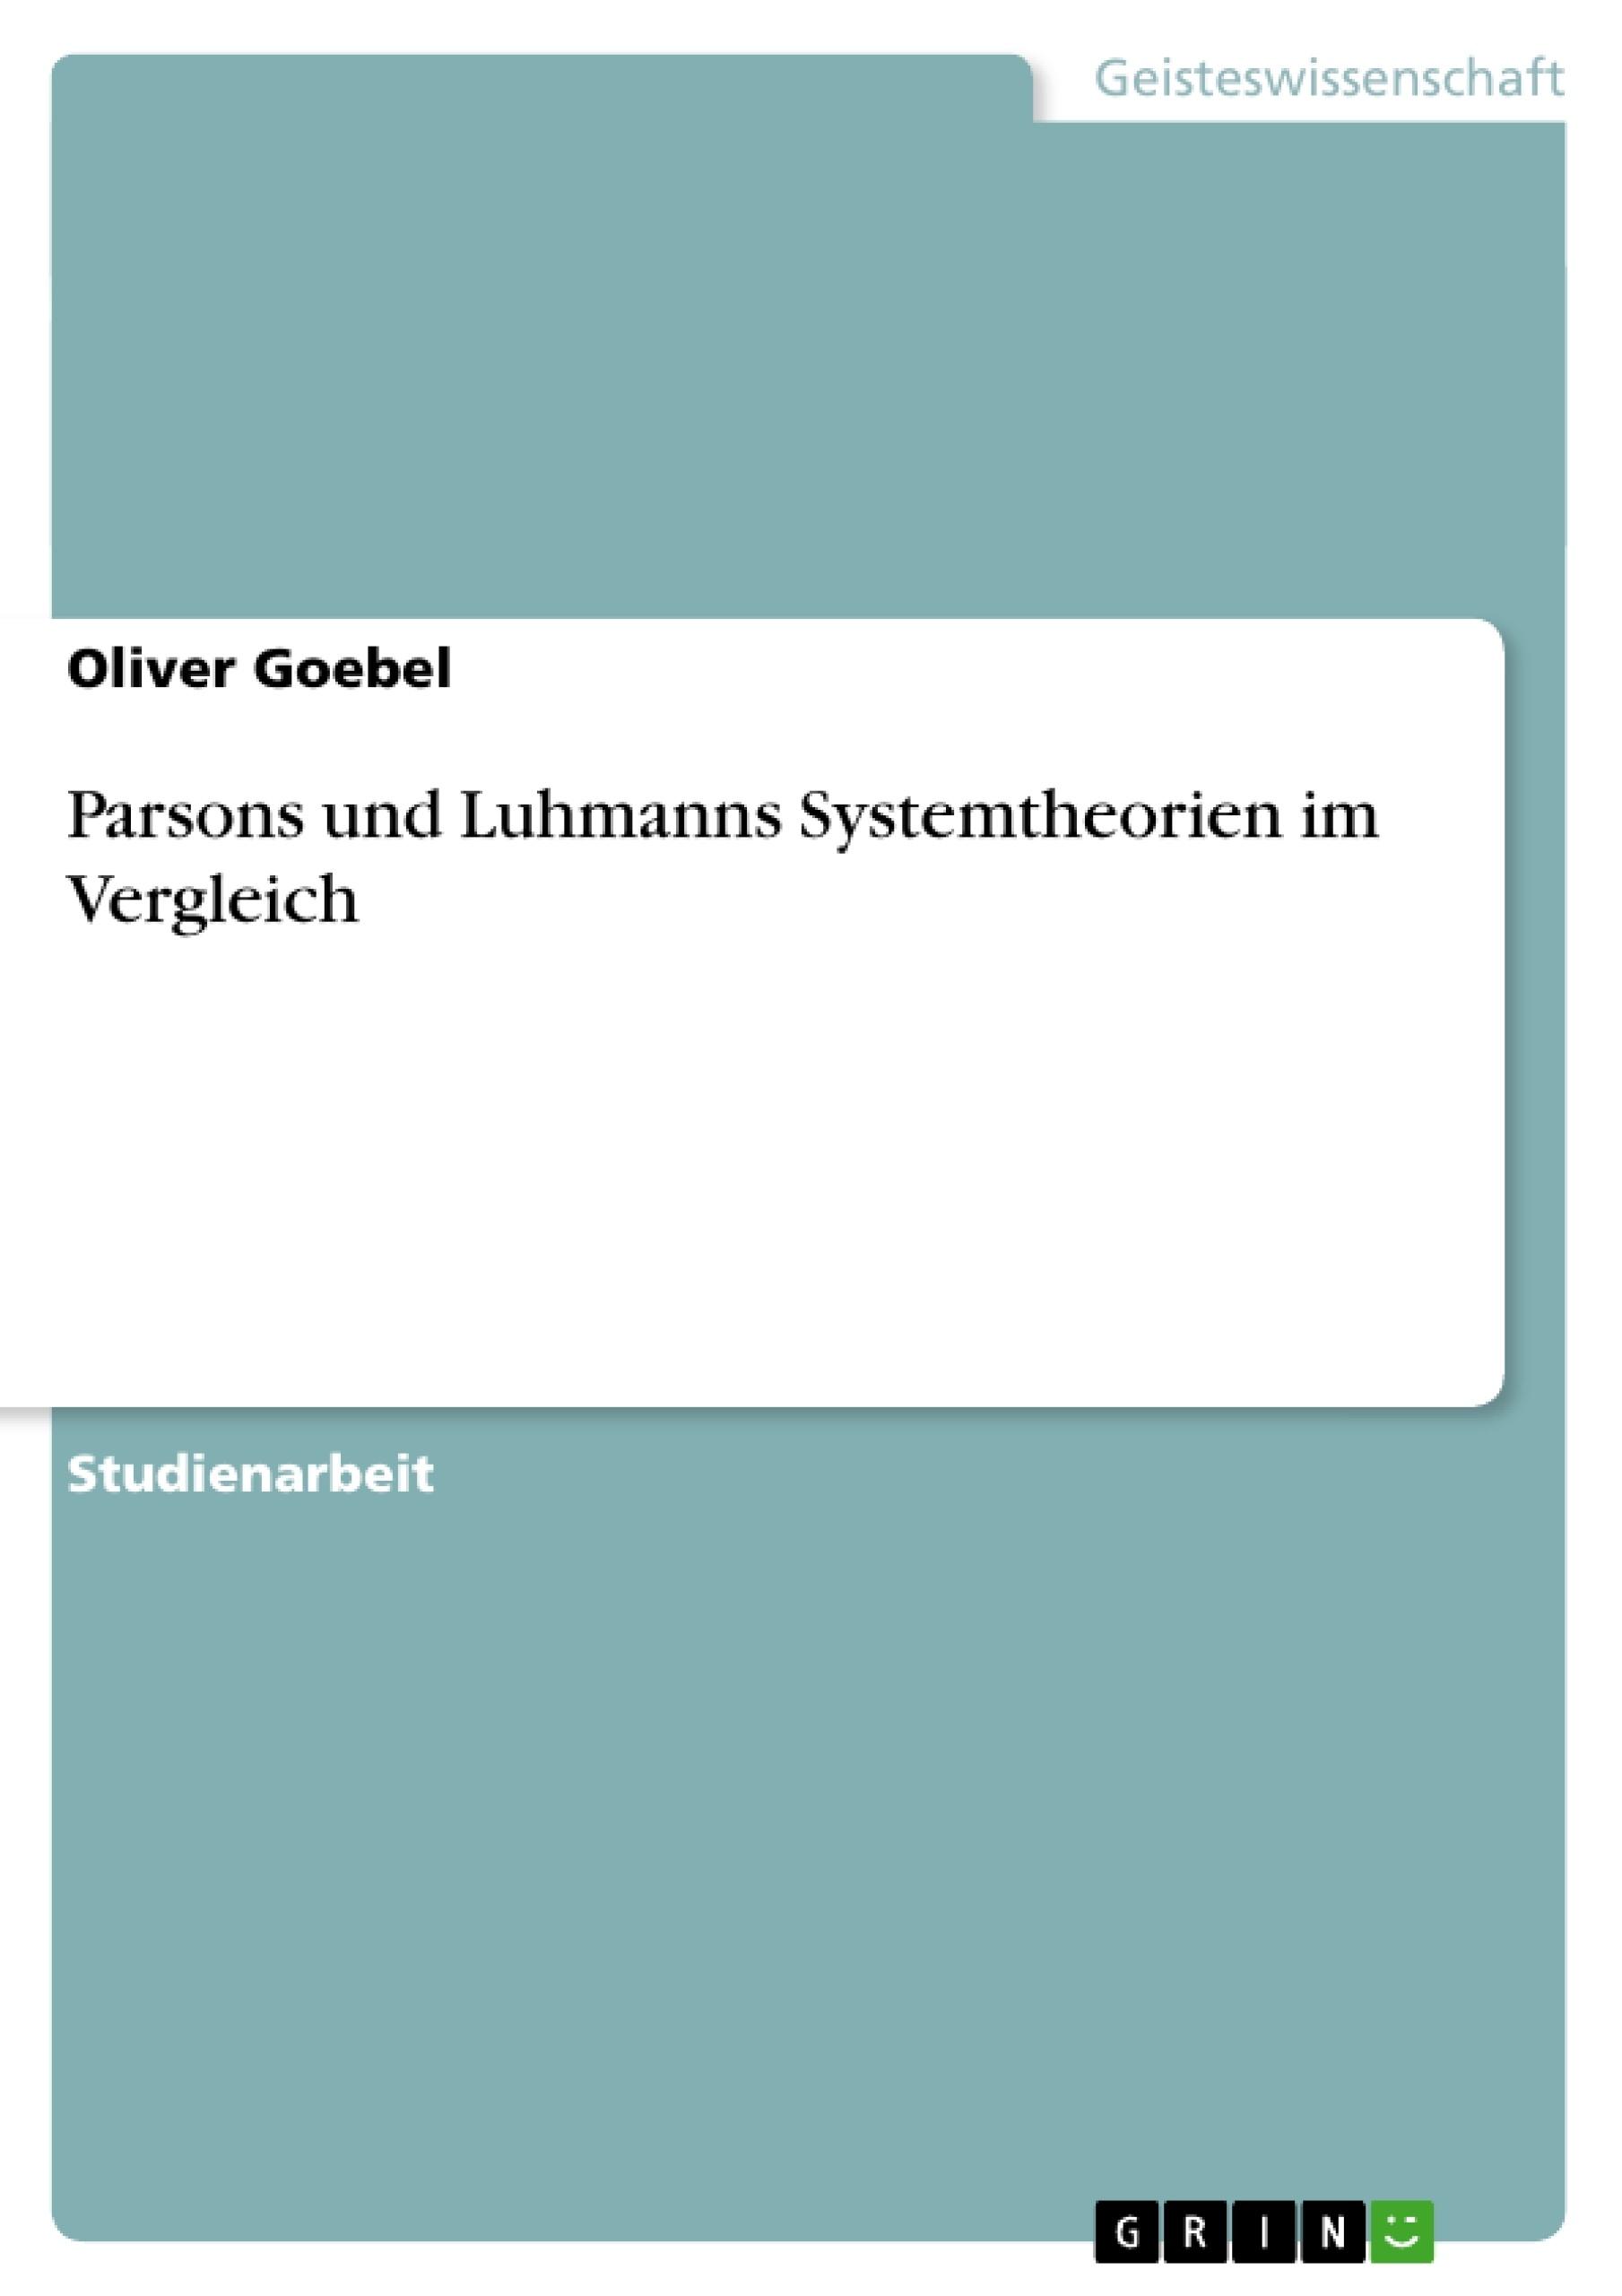 Titel: Parsons und Luhmanns Systemtheorien im Vergleich